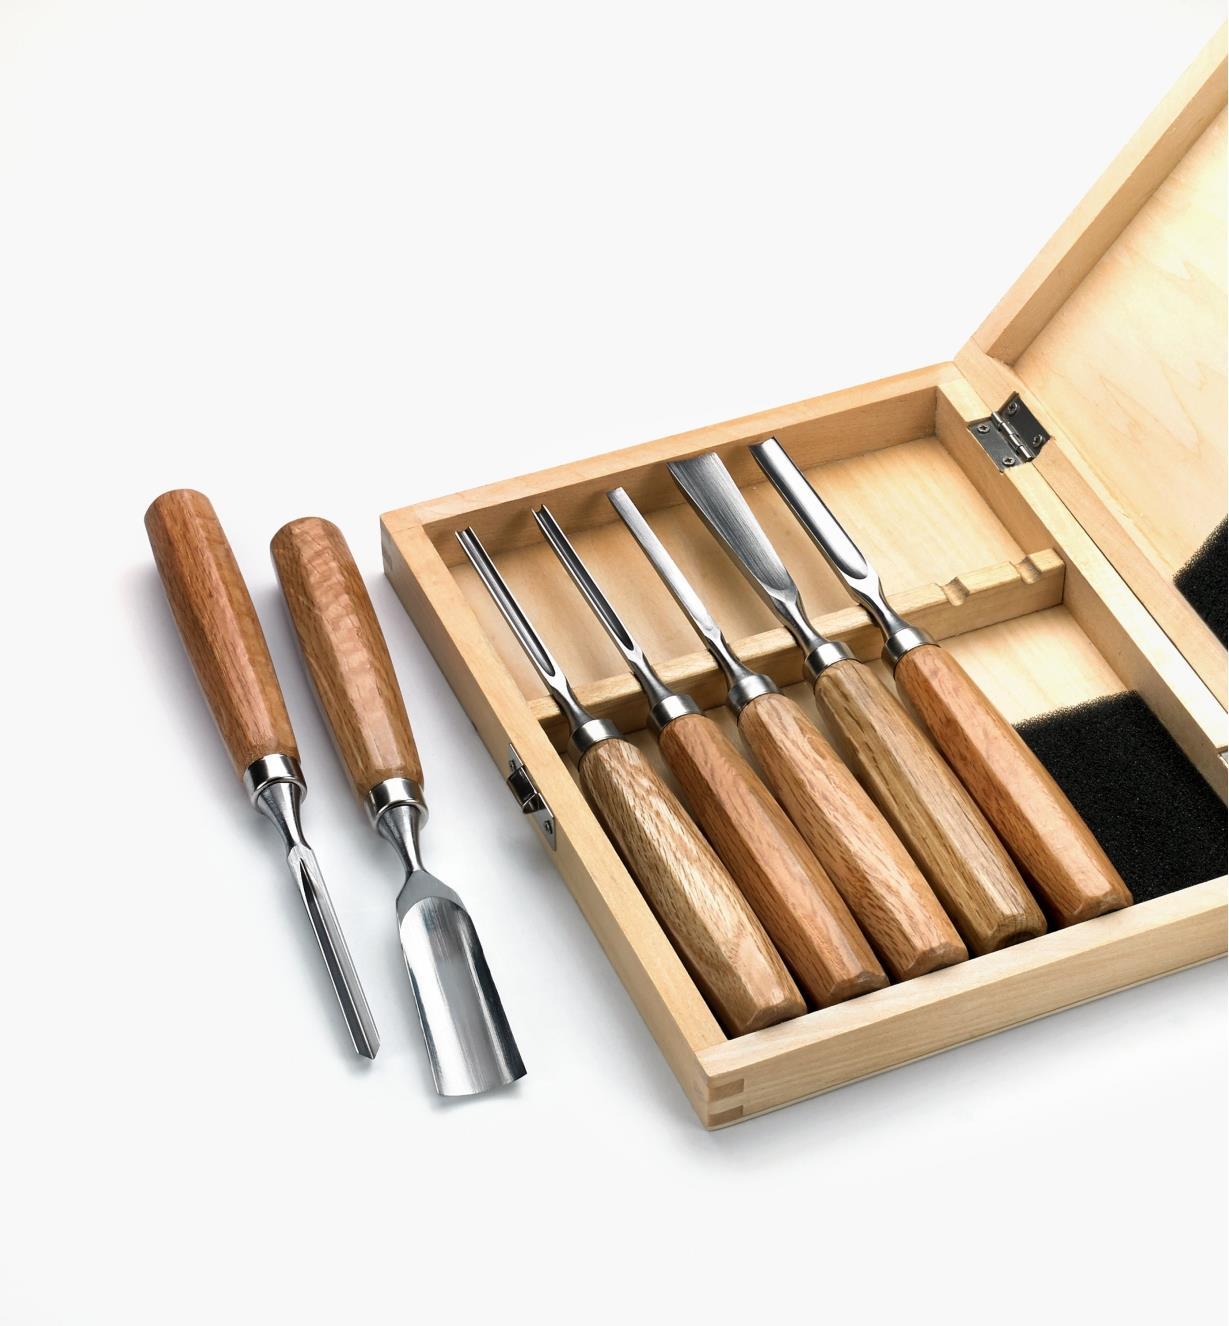 Burin et gouge no 6 de 1 po à côté du coffret contenant les cinq autres outils de sculpture du jeu